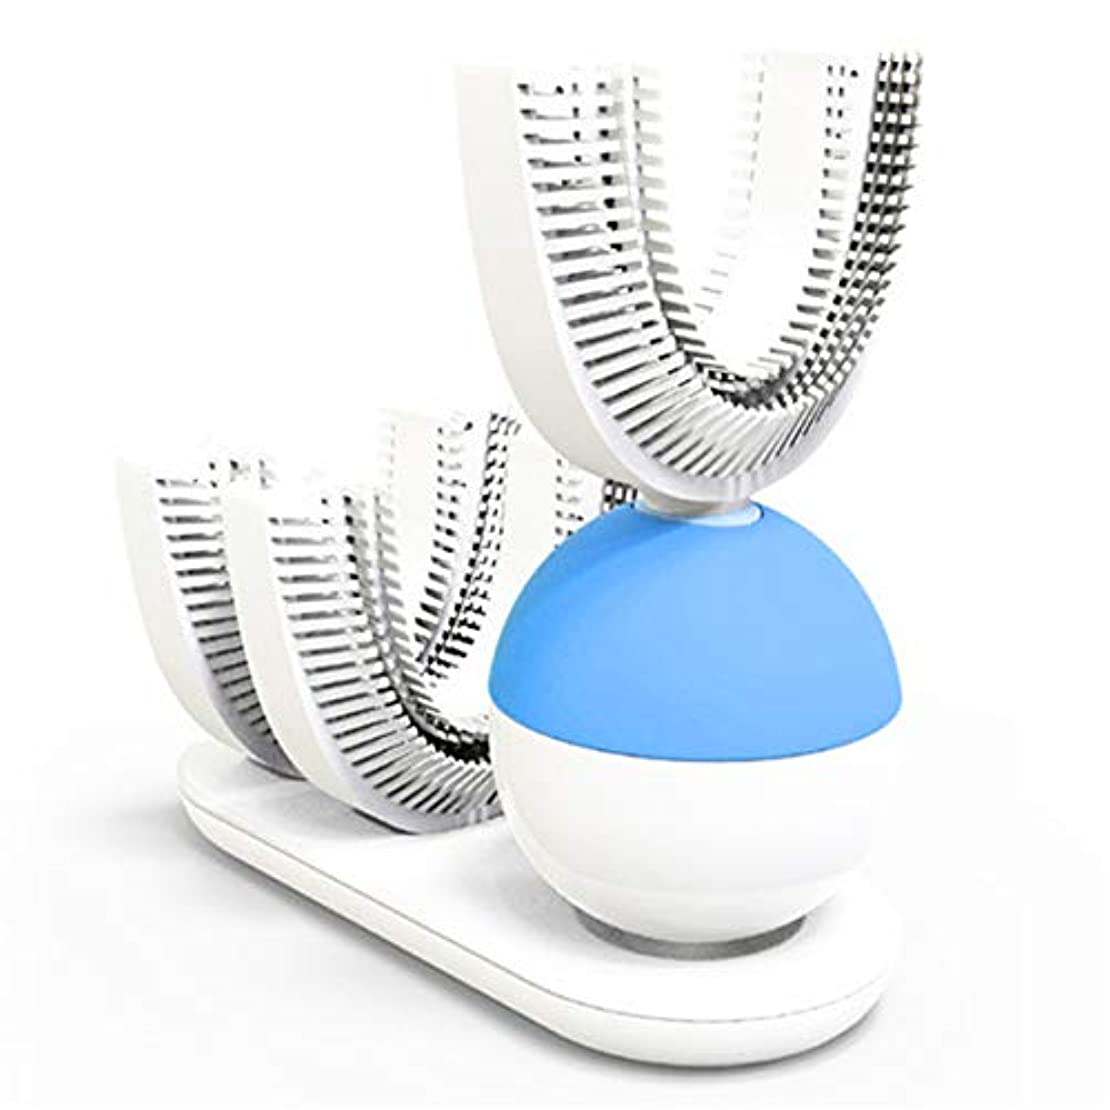 仕出しますコンピューターを使用する女性電動歯ブラシ 自動歯ブラシ U型 360°全方位 超音波 怠け者歯ブラシ ワイヤレス充電 歯ブラシヘッド付き